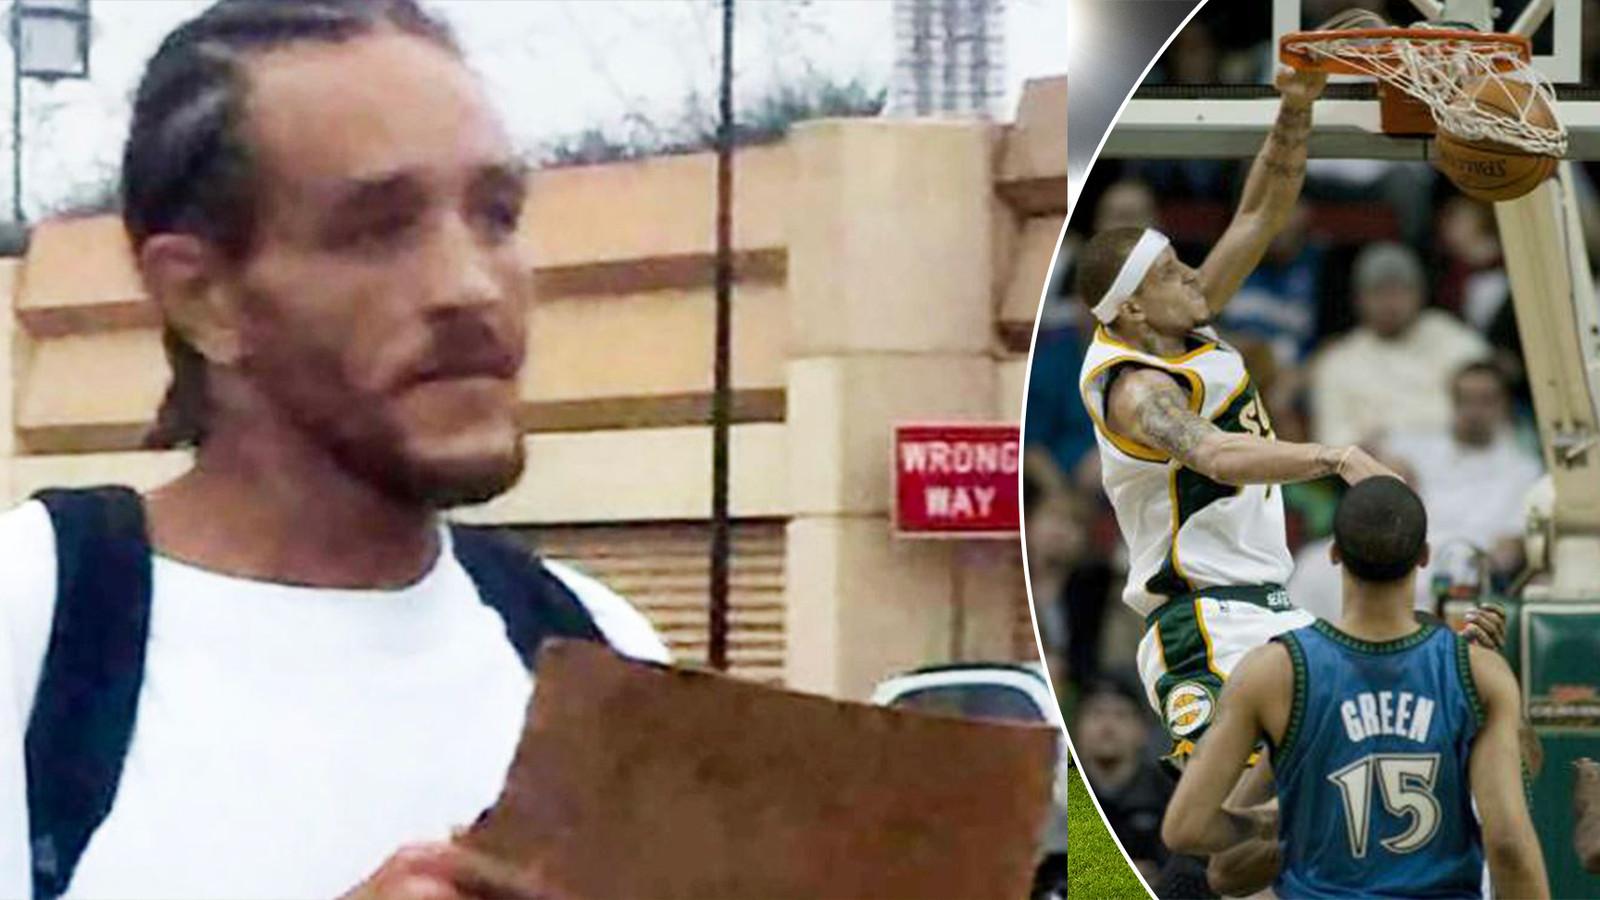 Delonte West bedelend in de straten van Dallas. Rechts: Dunkend voor de Boston Celtics in 2009.